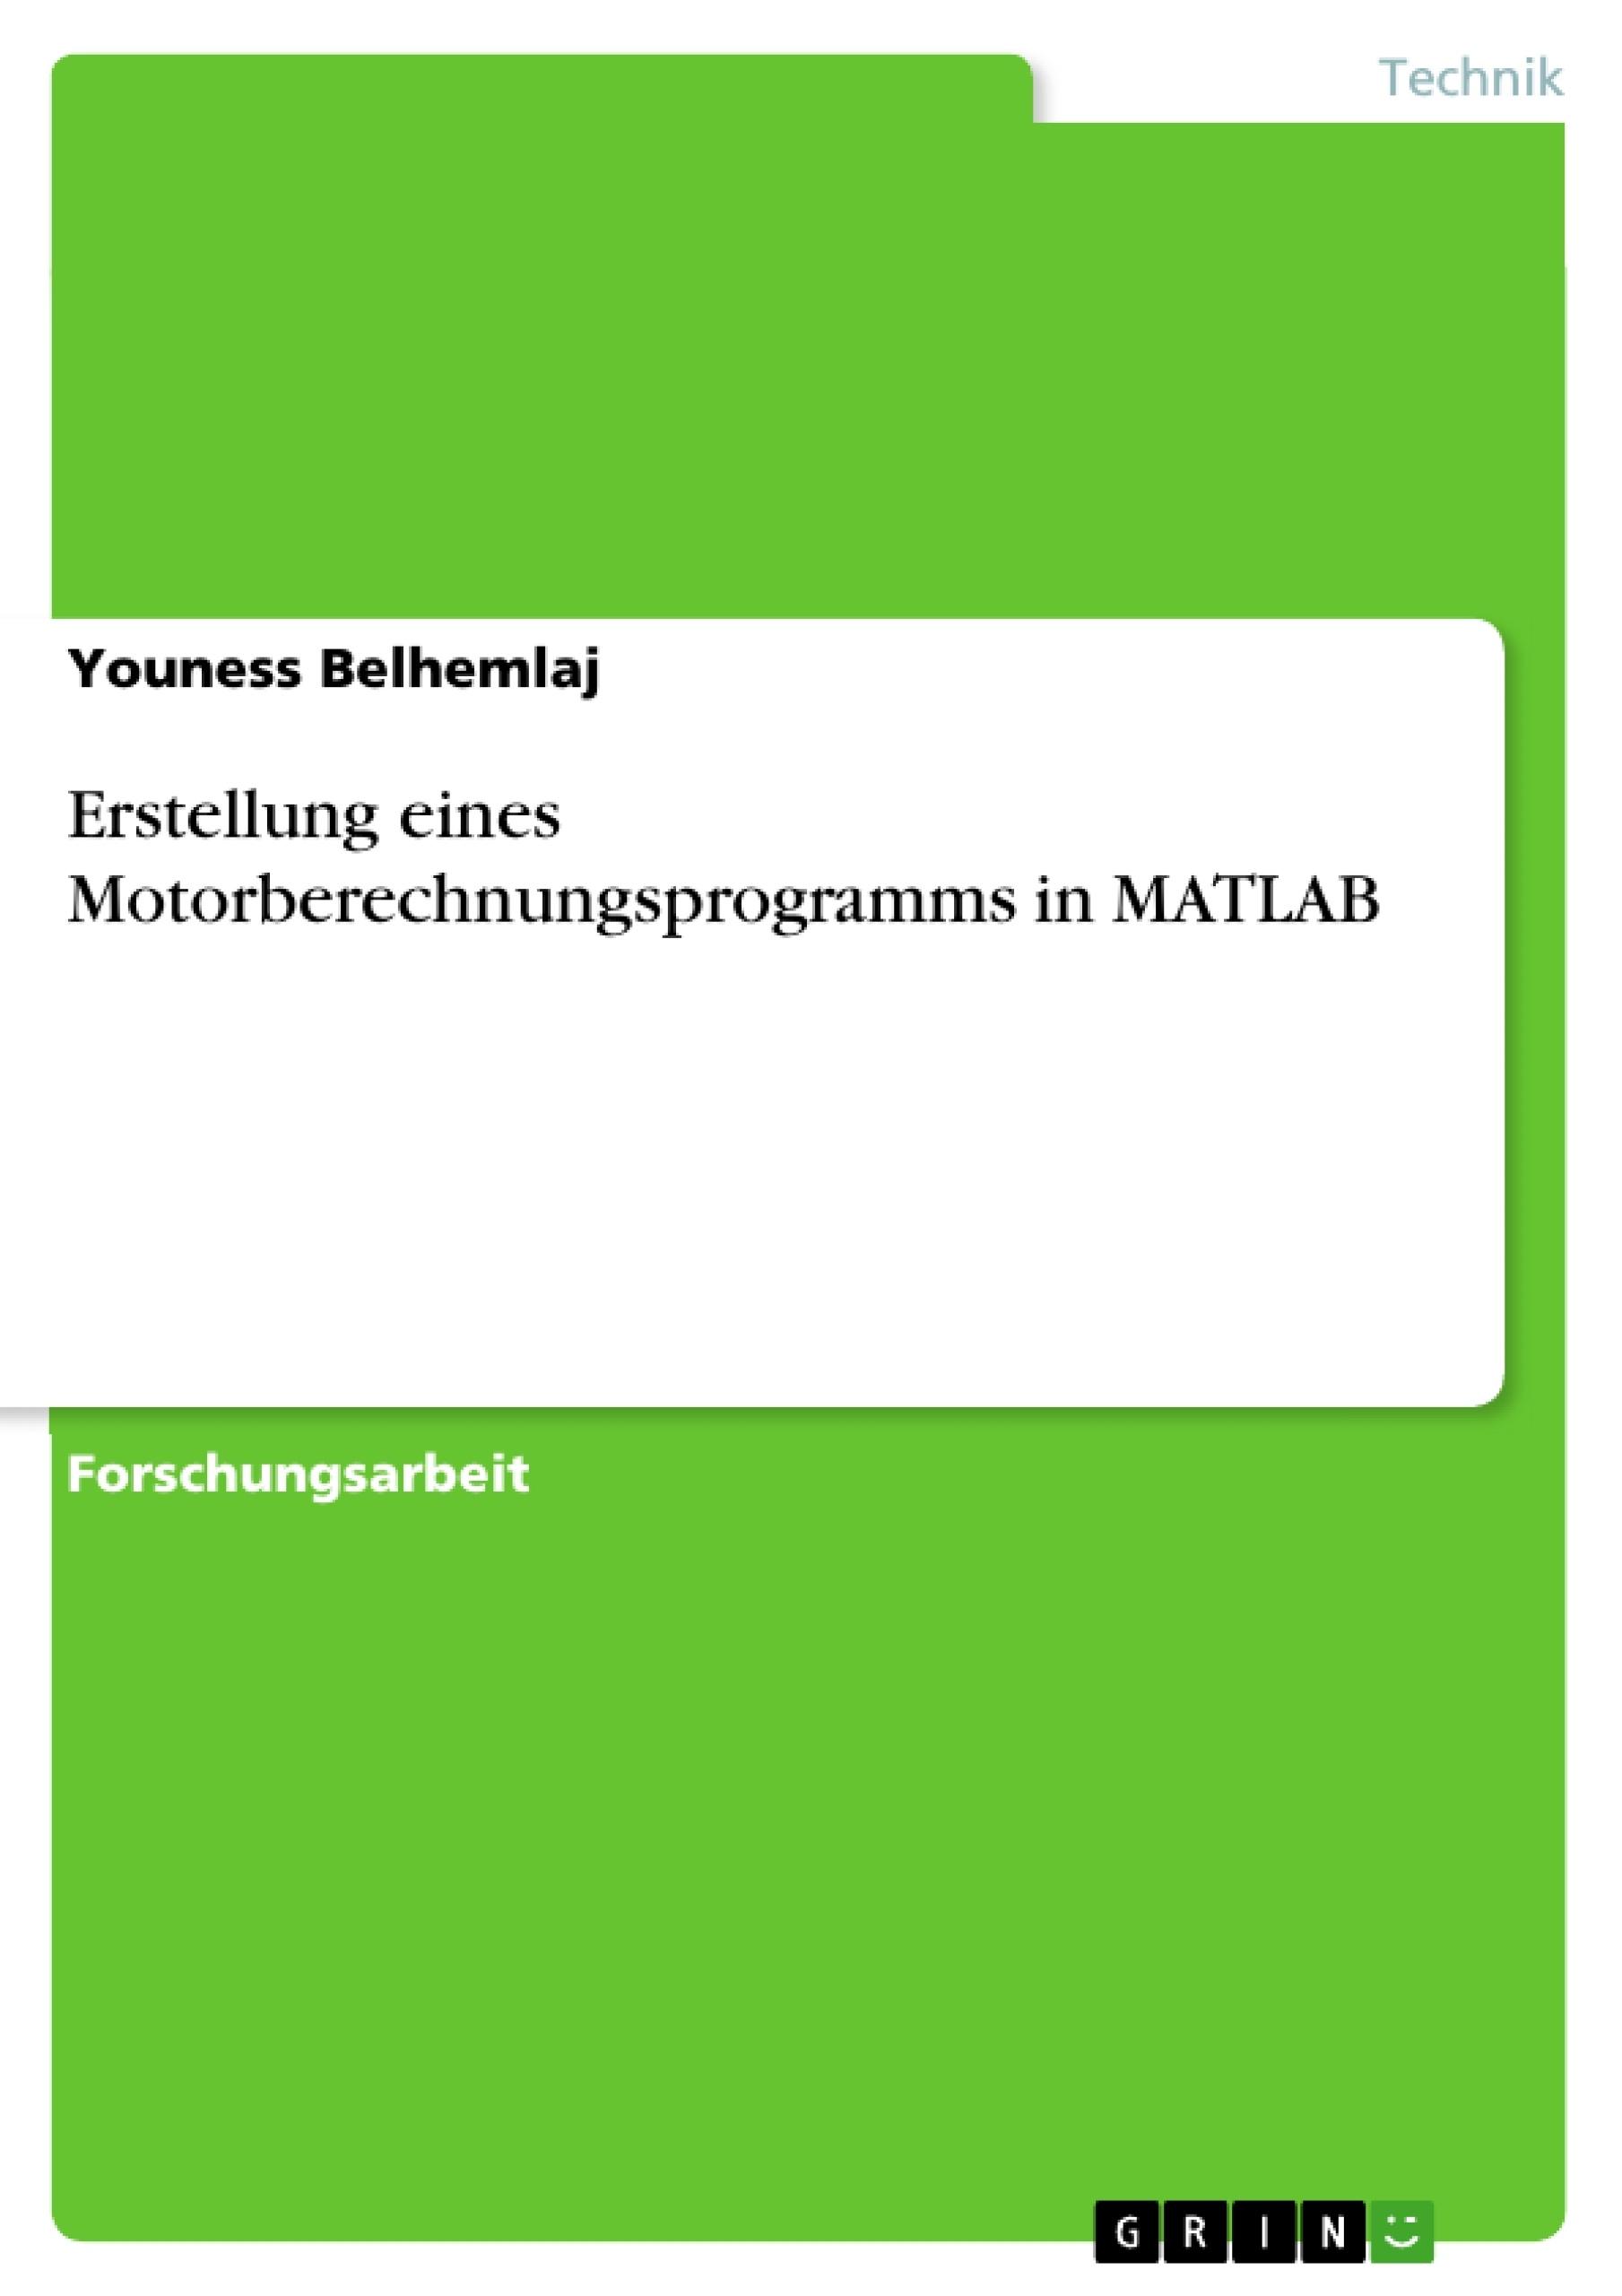 Titel: Erstellung eines Motorberechnungsprogramms in MATLAB